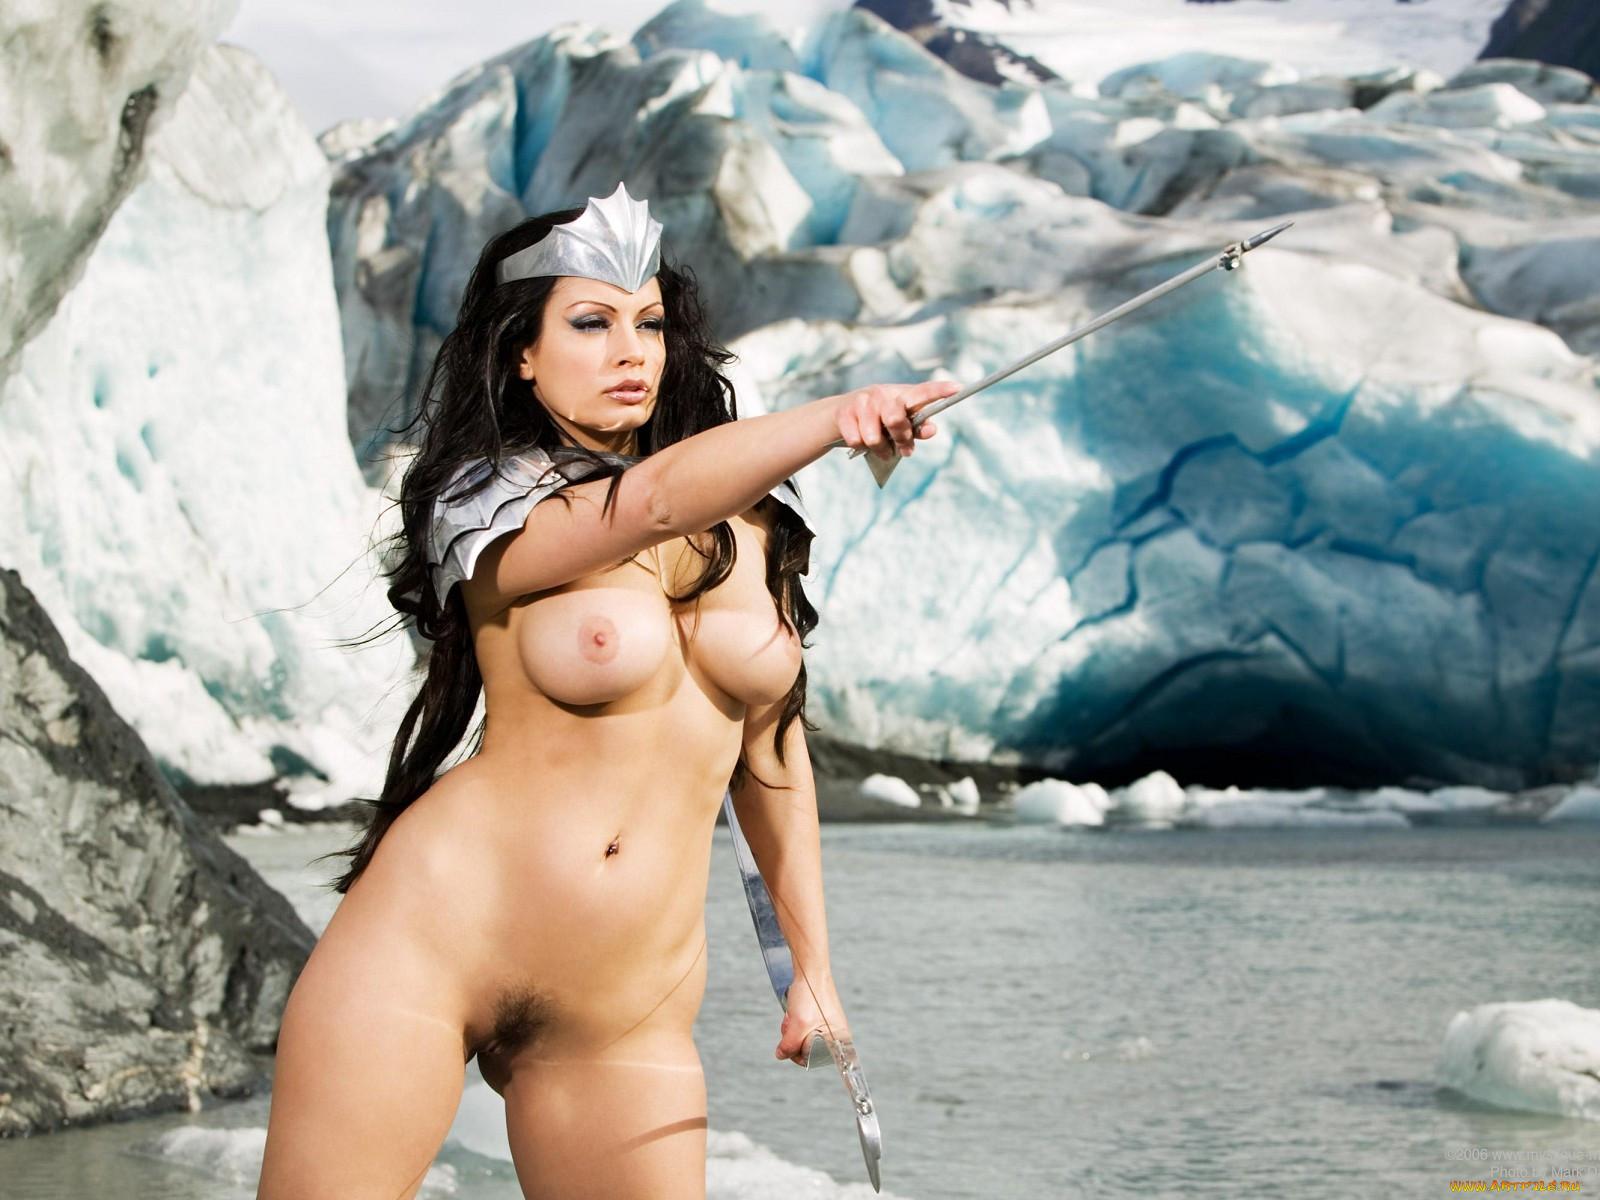 Русские актрисы в эротических фото 14 фотография